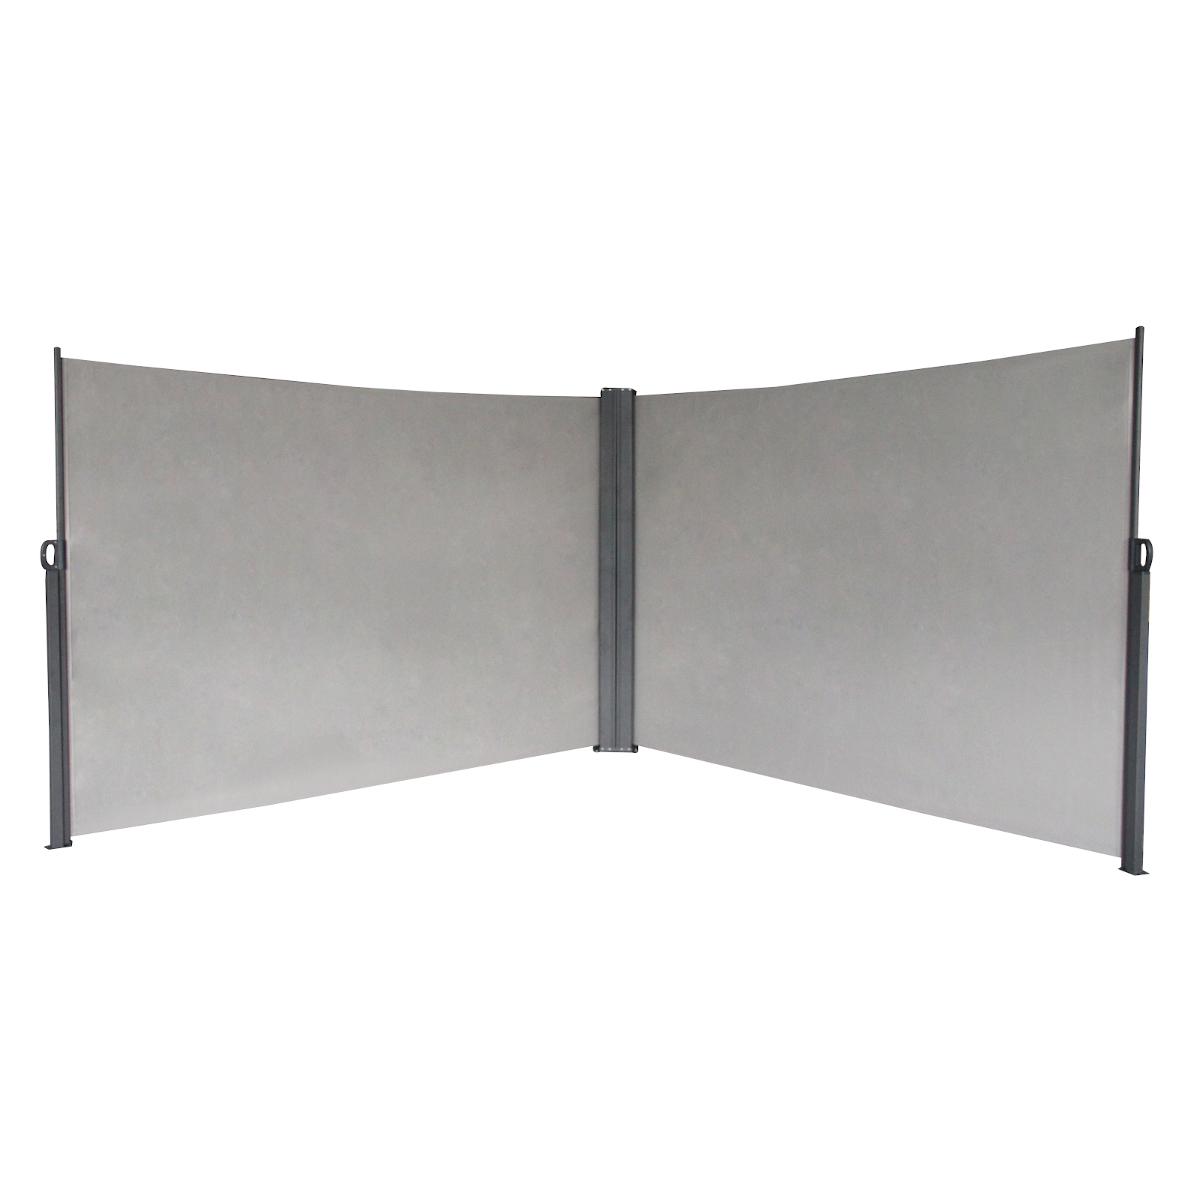 91060 SVITA Doppel Seitenmarkise 600 x 200 cm Hellgrau